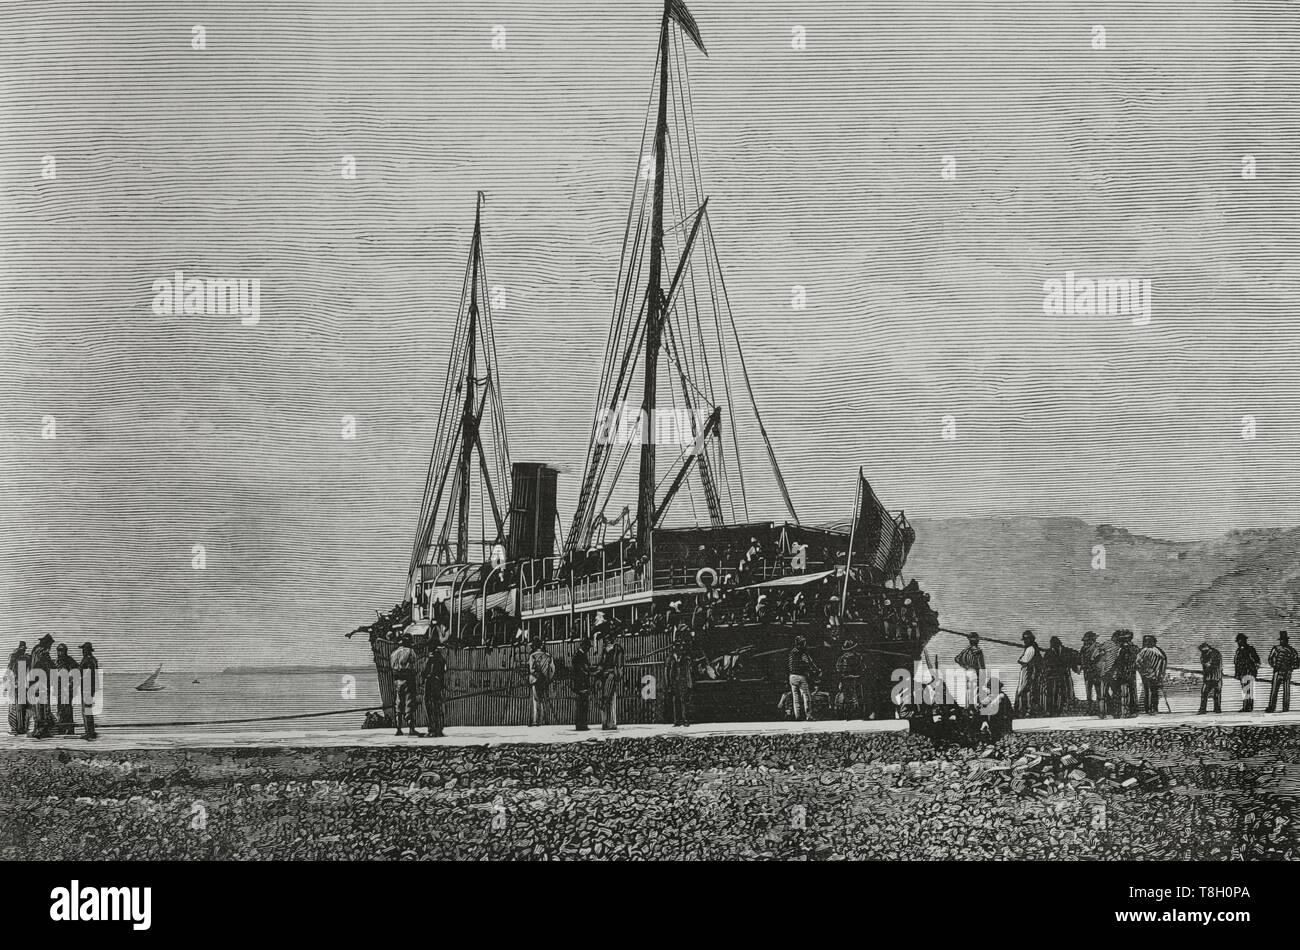 Durante el segundo tercio del siglo XIX muchos españoles fueron como agricultores a hacer fortuna al norte de Argelia. El 22 de junio de 1881 los hombres de Bu-Amena atacaron a los agricultores provocando el pánico entre los emigrantes europeos. Muchos regresaron a sus paises de origen. Nueve mil españoles lo hicieron entre el 11 y el 22 de junio de 1881. Puerto de Cartagena (España). Arribo del vapor trasatlantico 'San Agustin', conduciendo refuerzos de tropas francesas con destino a Argelia. Grabado por Tomás Carlos Capuz (1834-1899). La Ilustración Española y Americana, 22 de julio de 1881. - Stock Image